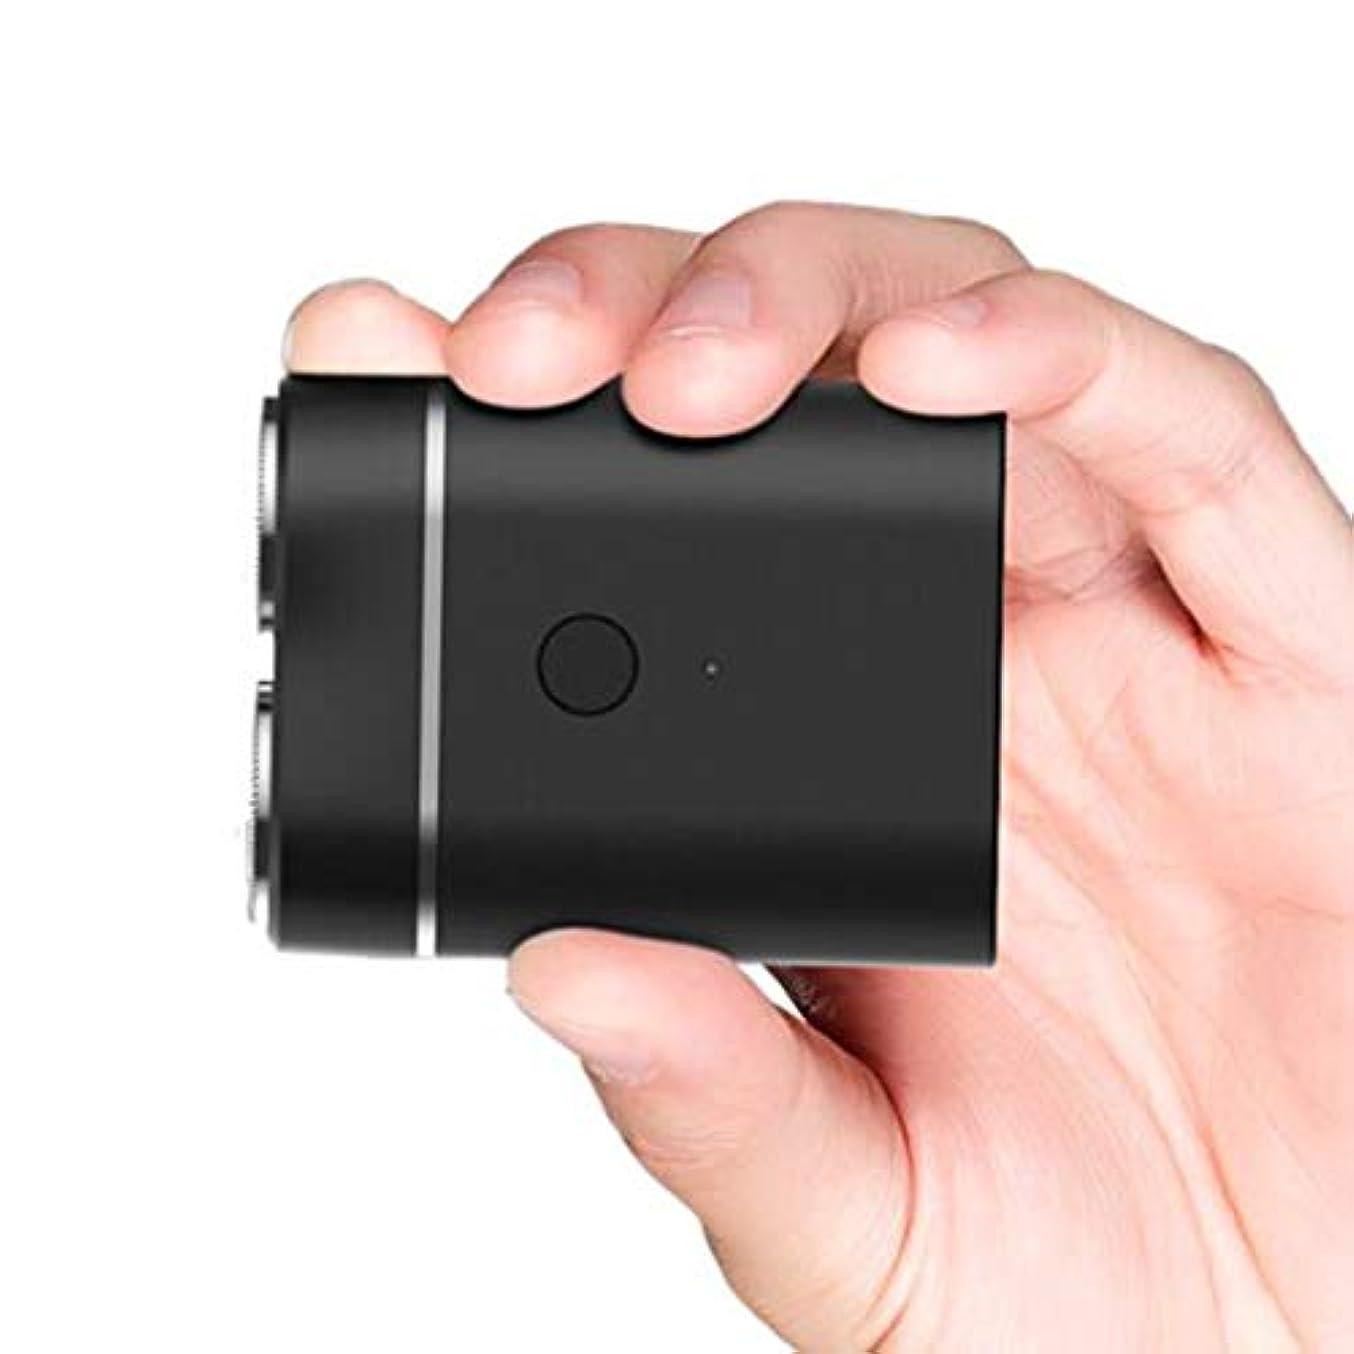 入場料メロドラマ頻繁にひげそり 電動 メンズシェーバー,USB充電式 髭剃り 電気シェーバー コンパクト IPX7防水 電気シェーバー 回転式 お風呂剃りドライ両用 人気プレゼント